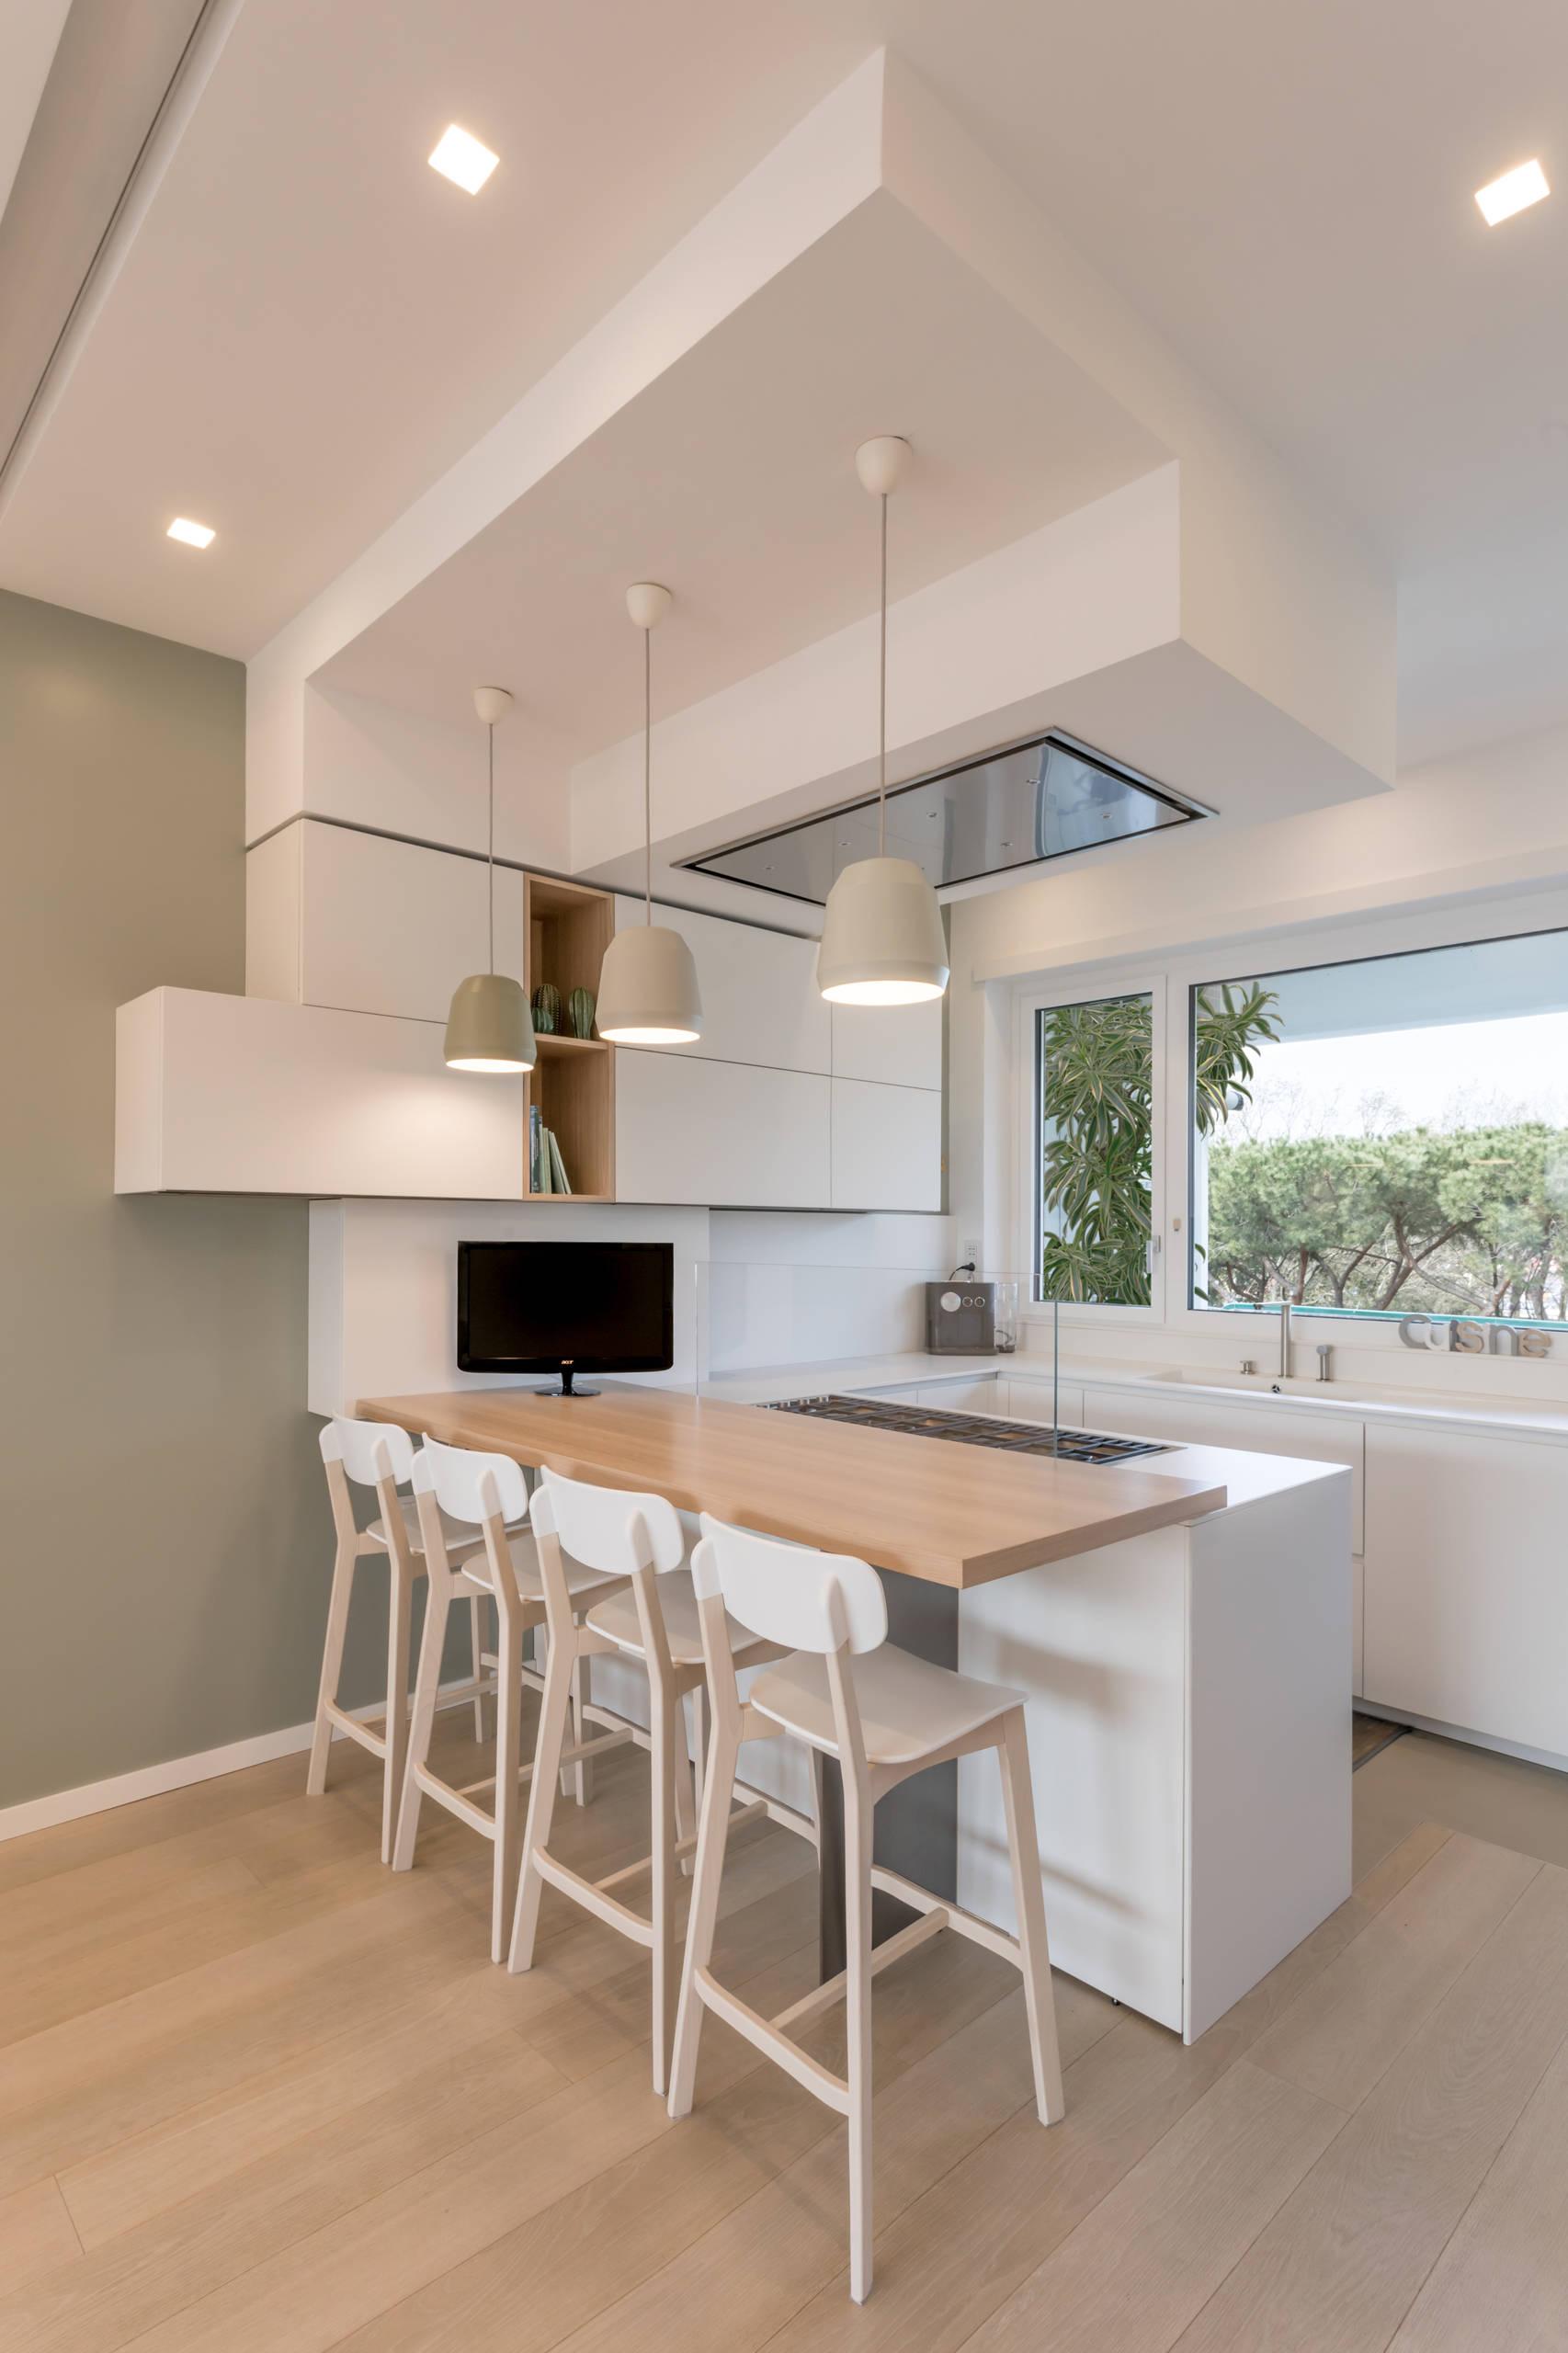 Immagini Cucine Moderne Con Finestra.Cucina Con Finestra Sopra Lavello